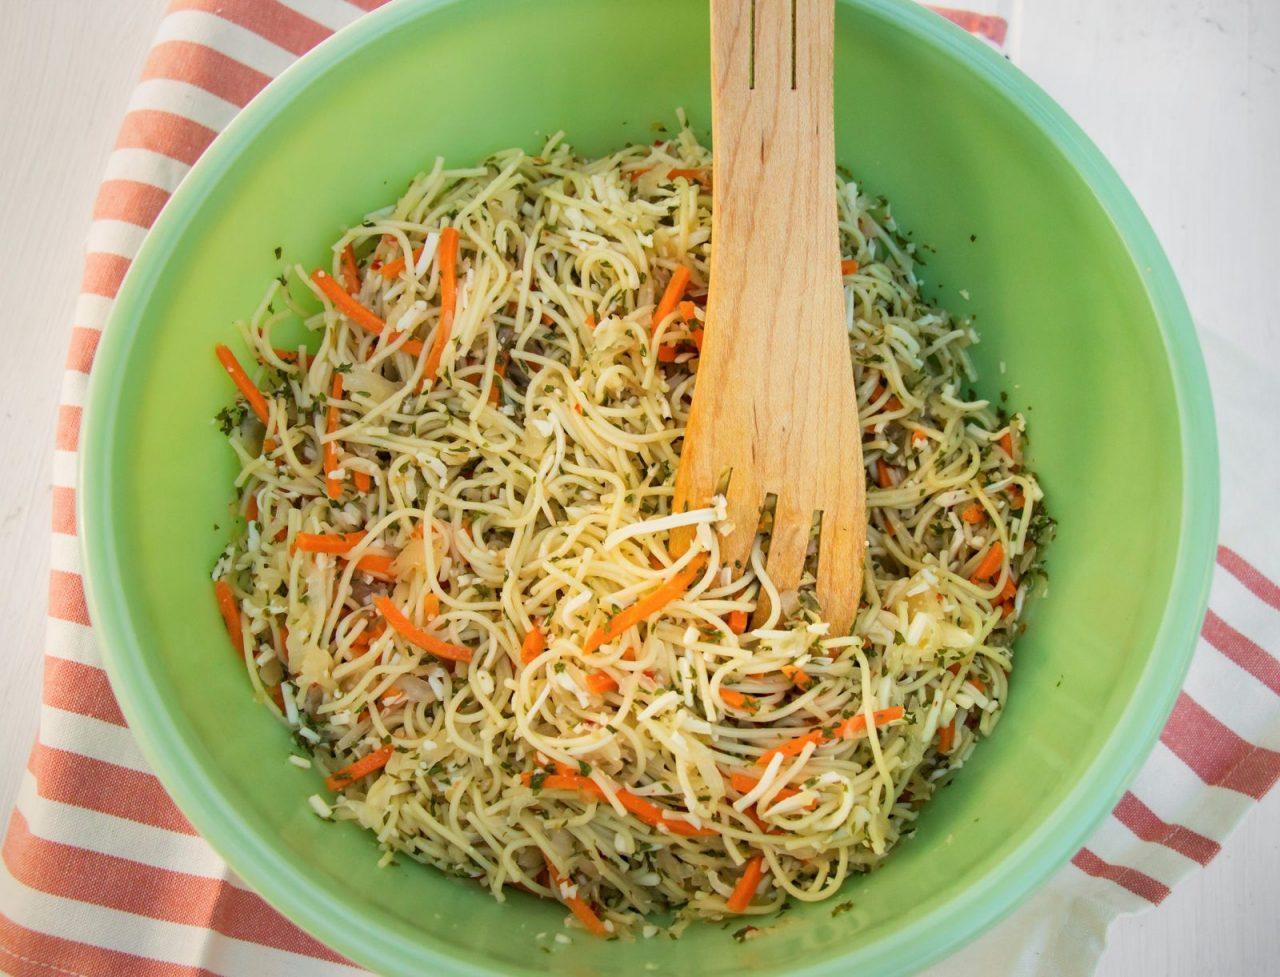 Kraut-Pasta-Salad-1280x977.jpg